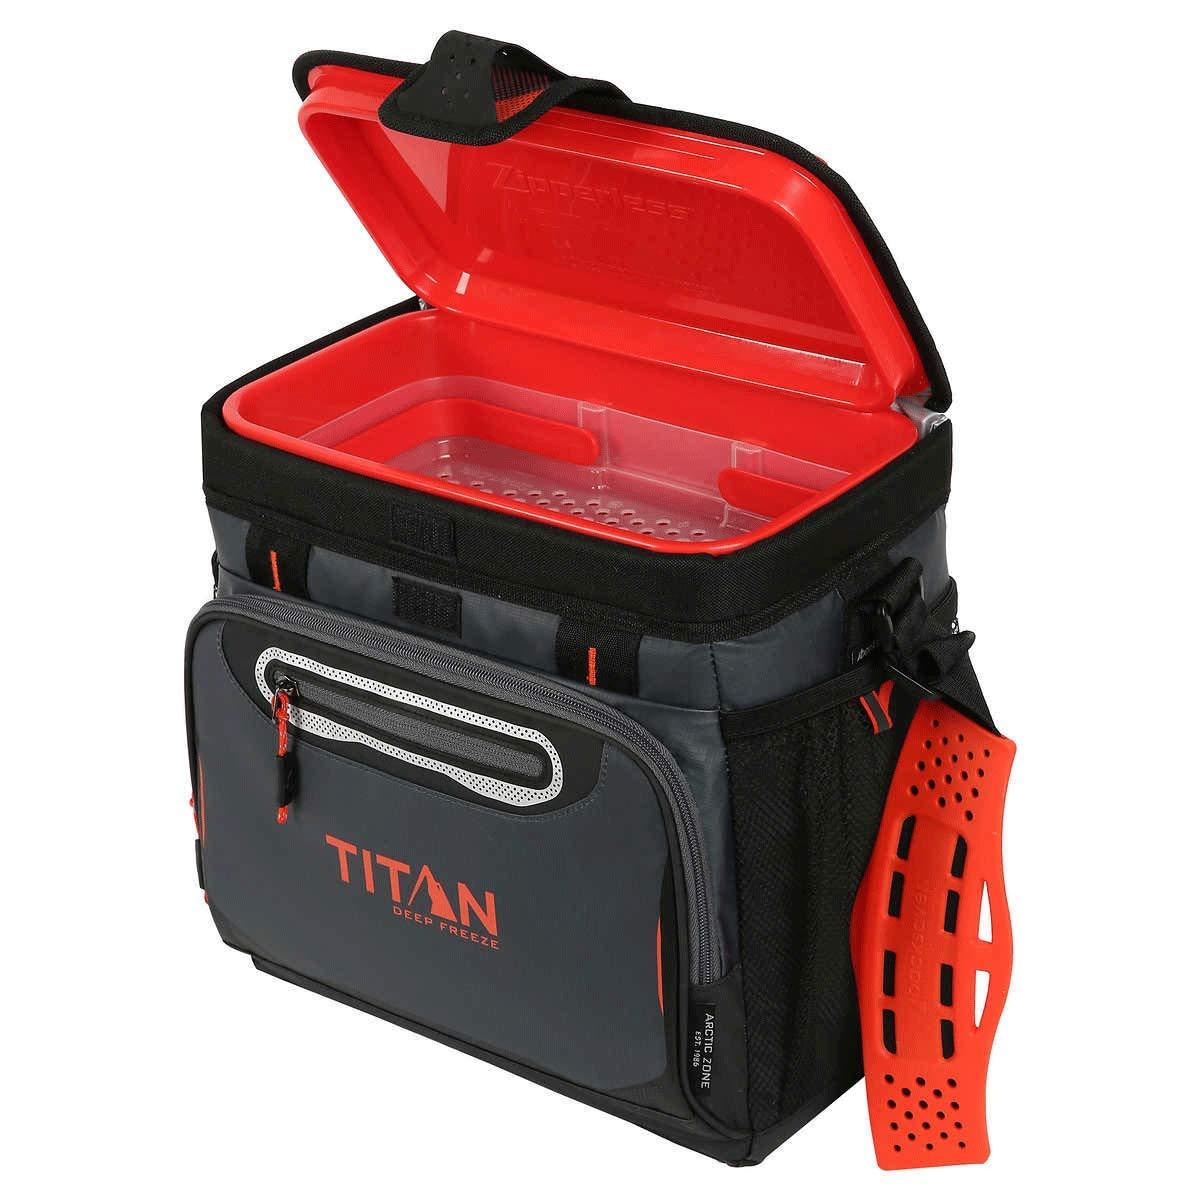 Titan California Innovations 16 latas: Amazon.es: Deportes y aire ...